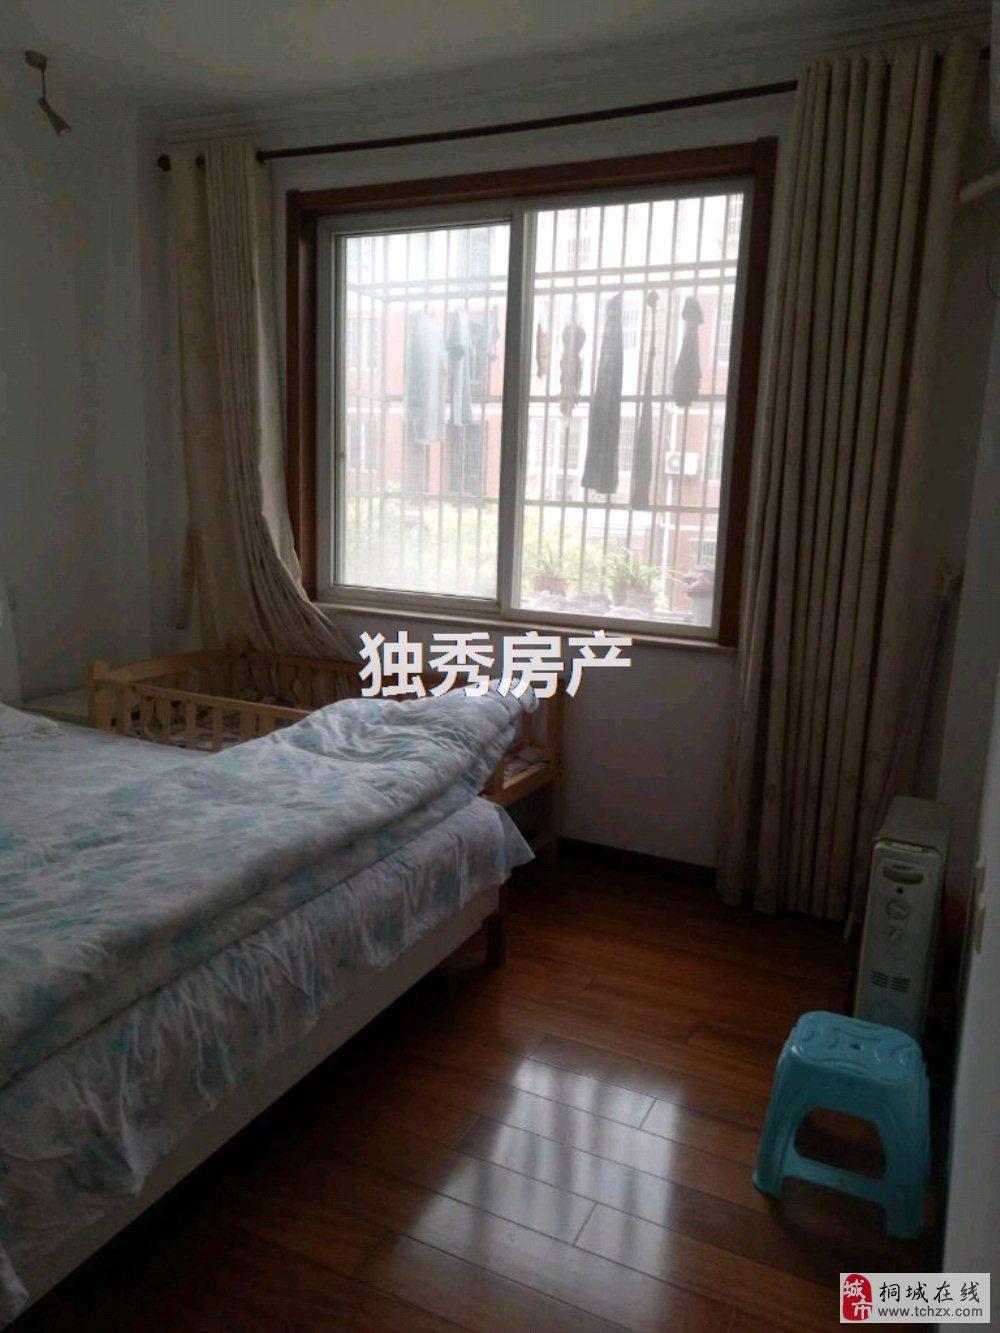 东苑新村3室2厅精装修三室中间楼层校区房